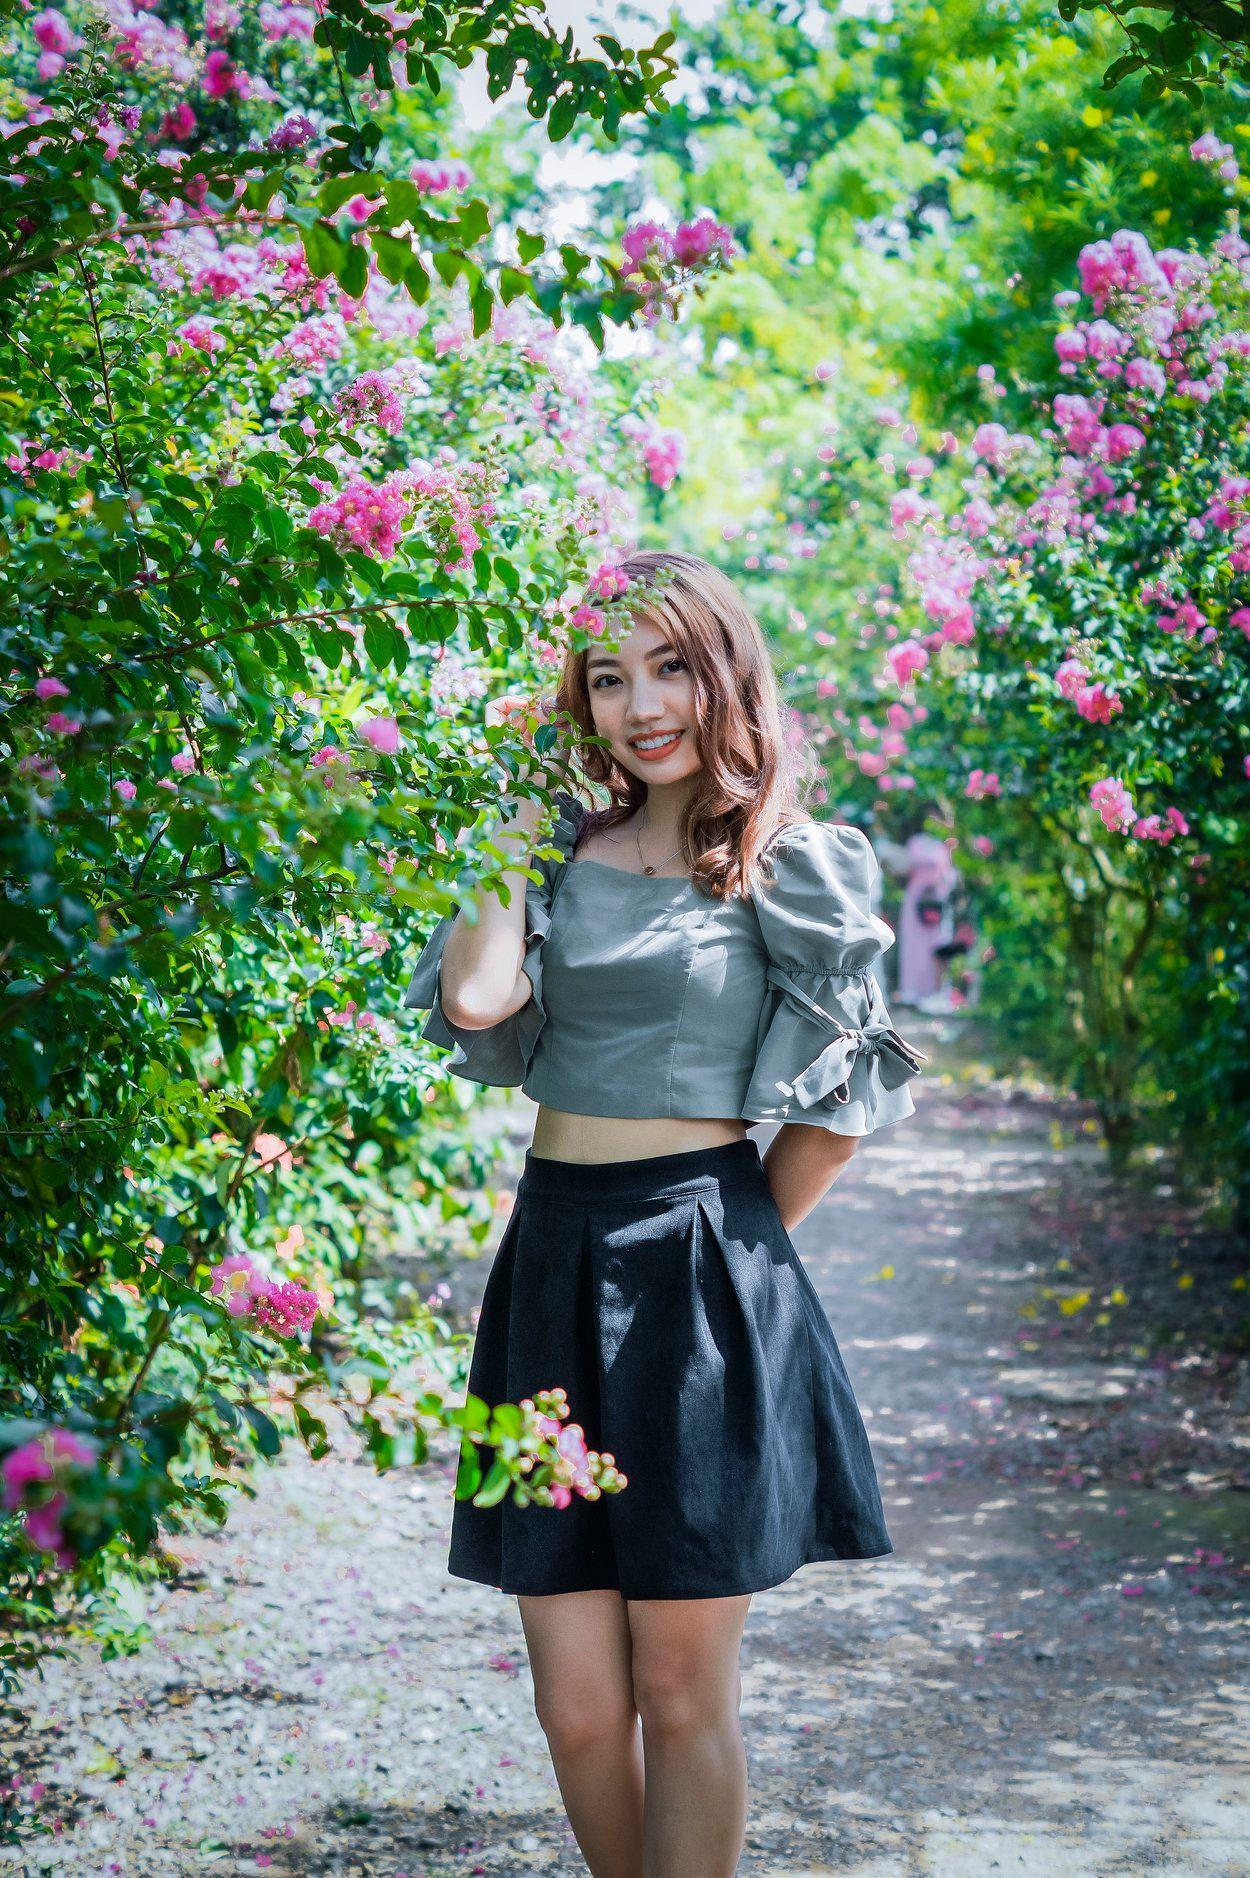 Mê mẩn đường hoa tường vi, đẹp tựa vườn thượng uyển ở trời Âu - 12